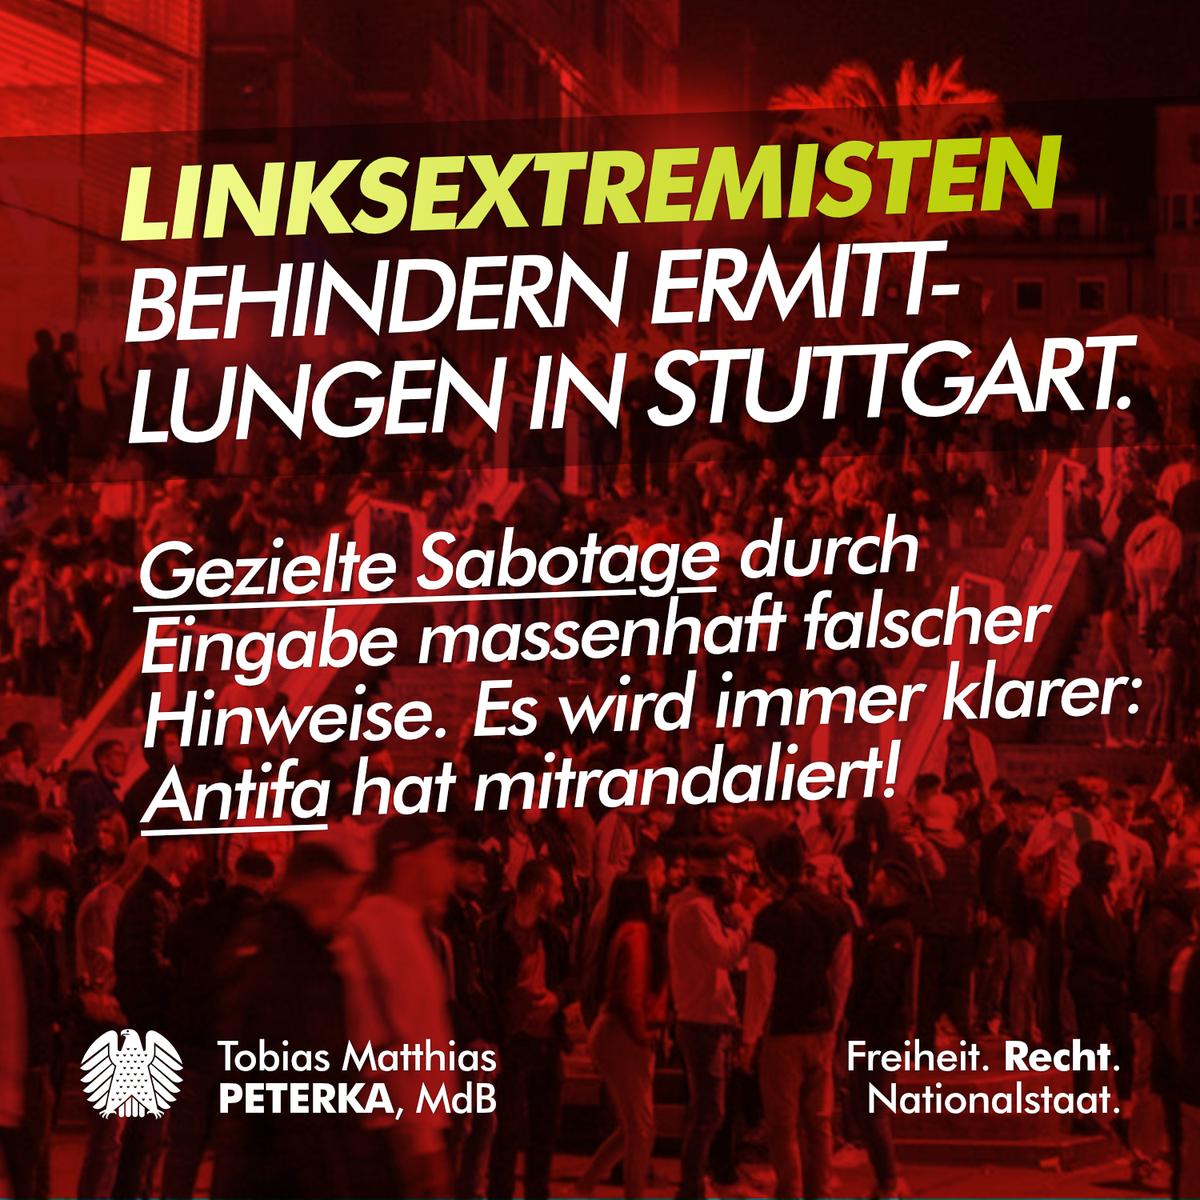 #Antifa-#Linksextremisten sabotieren Ermittlungen der #Polizei zur #StuttgarterKrawallnacht (#StuttgartRiots) - Es wird immer klarer, wer hier mitrandaliert hat. / Q: https://t.co/7WIbtYmUUF https://t.co/9Qj5y5GTJV